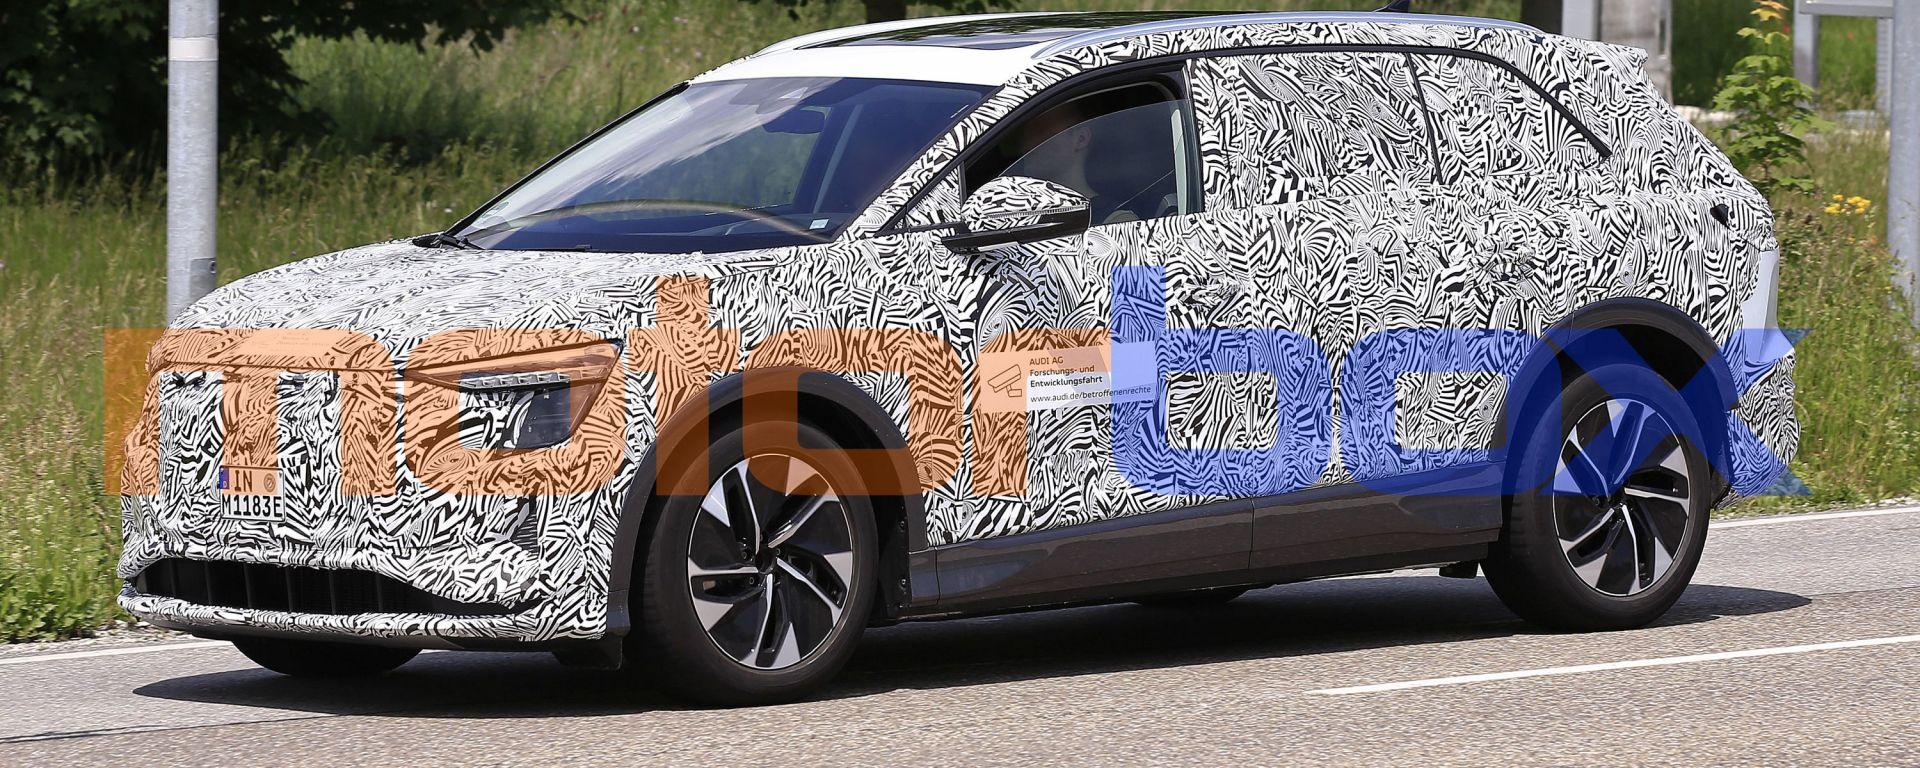 Audi Concept Shanghai: le prime immagini del SUV nuovo elettrico